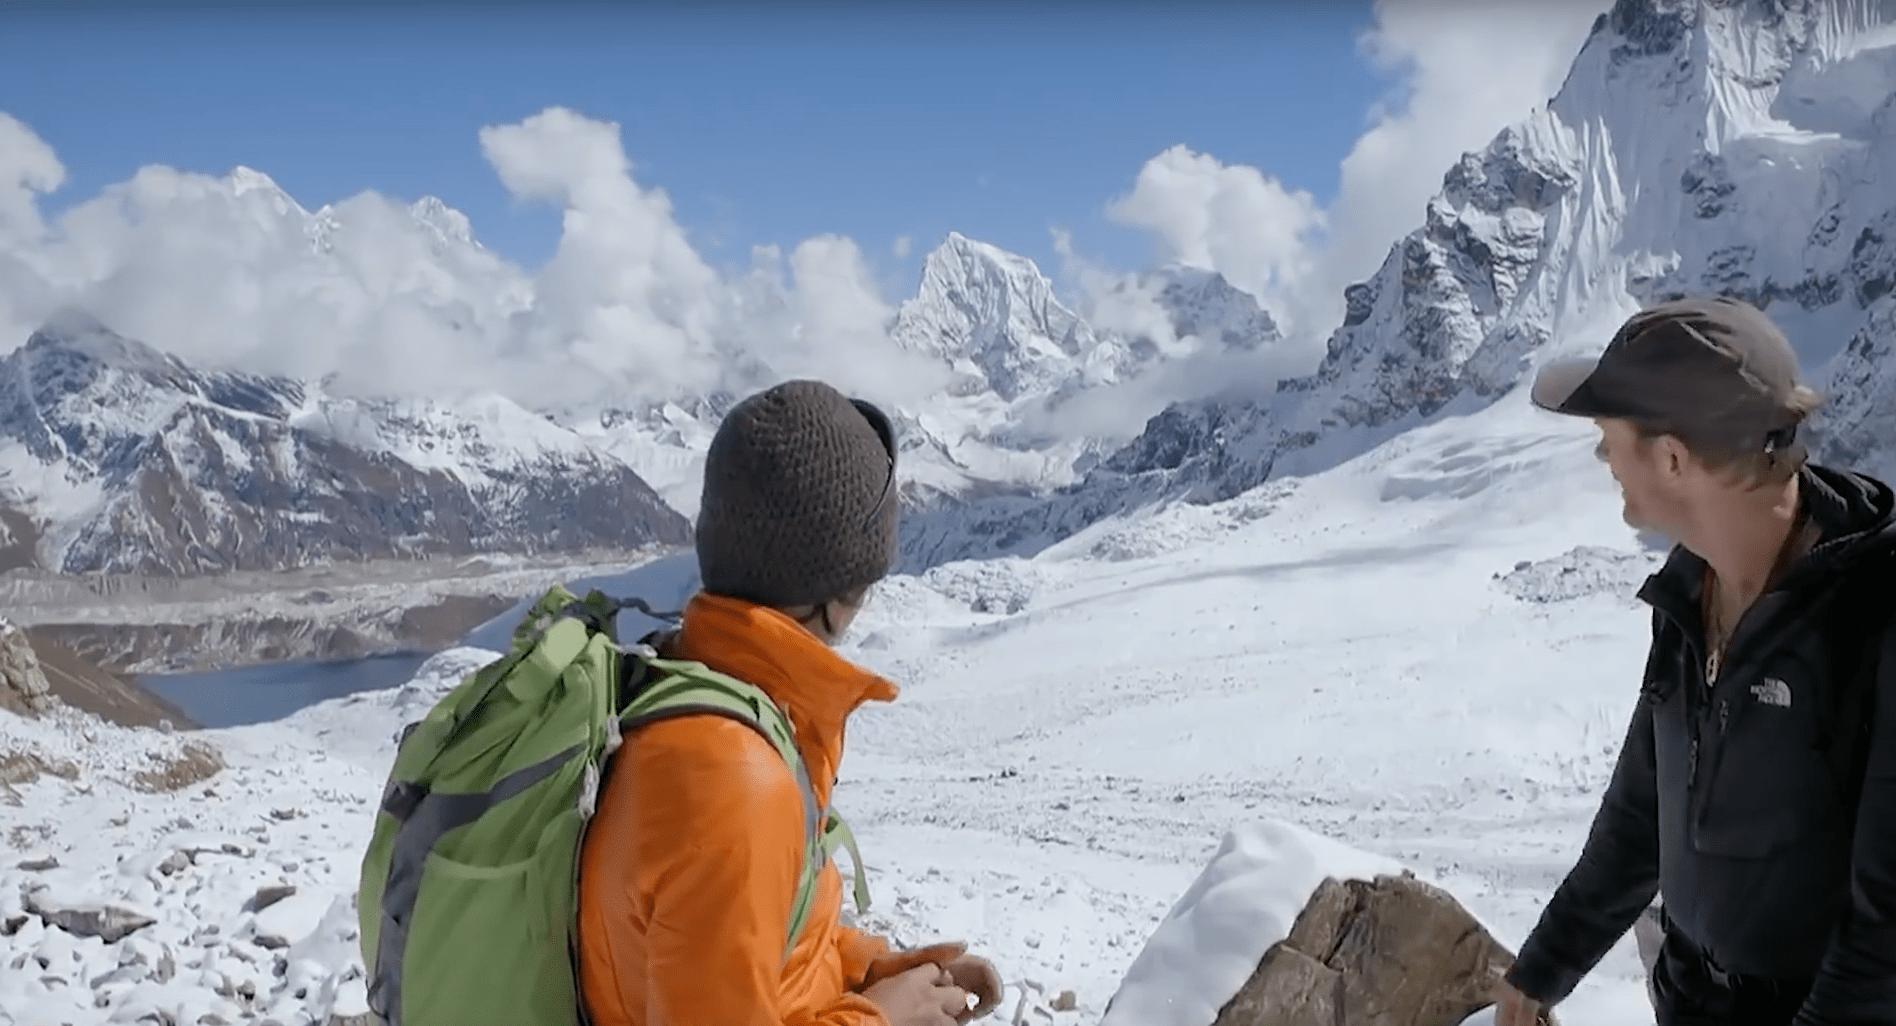 Conrad anker, climbing, himalayas, heart attack